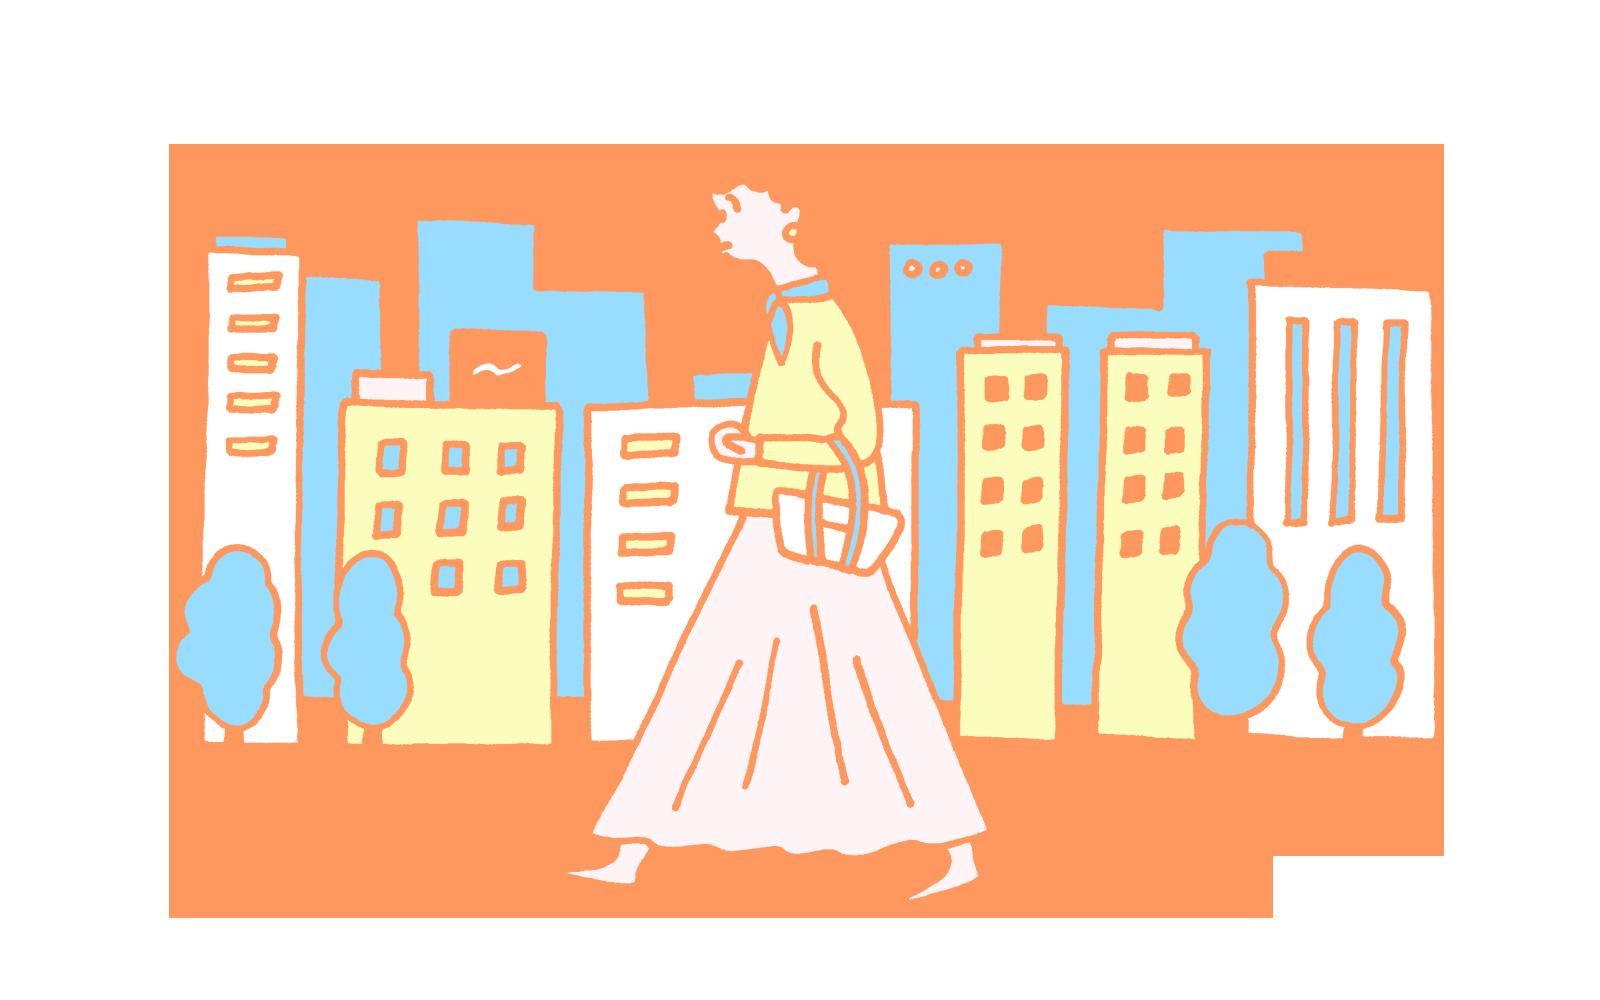 散歩をする女性のイラスト